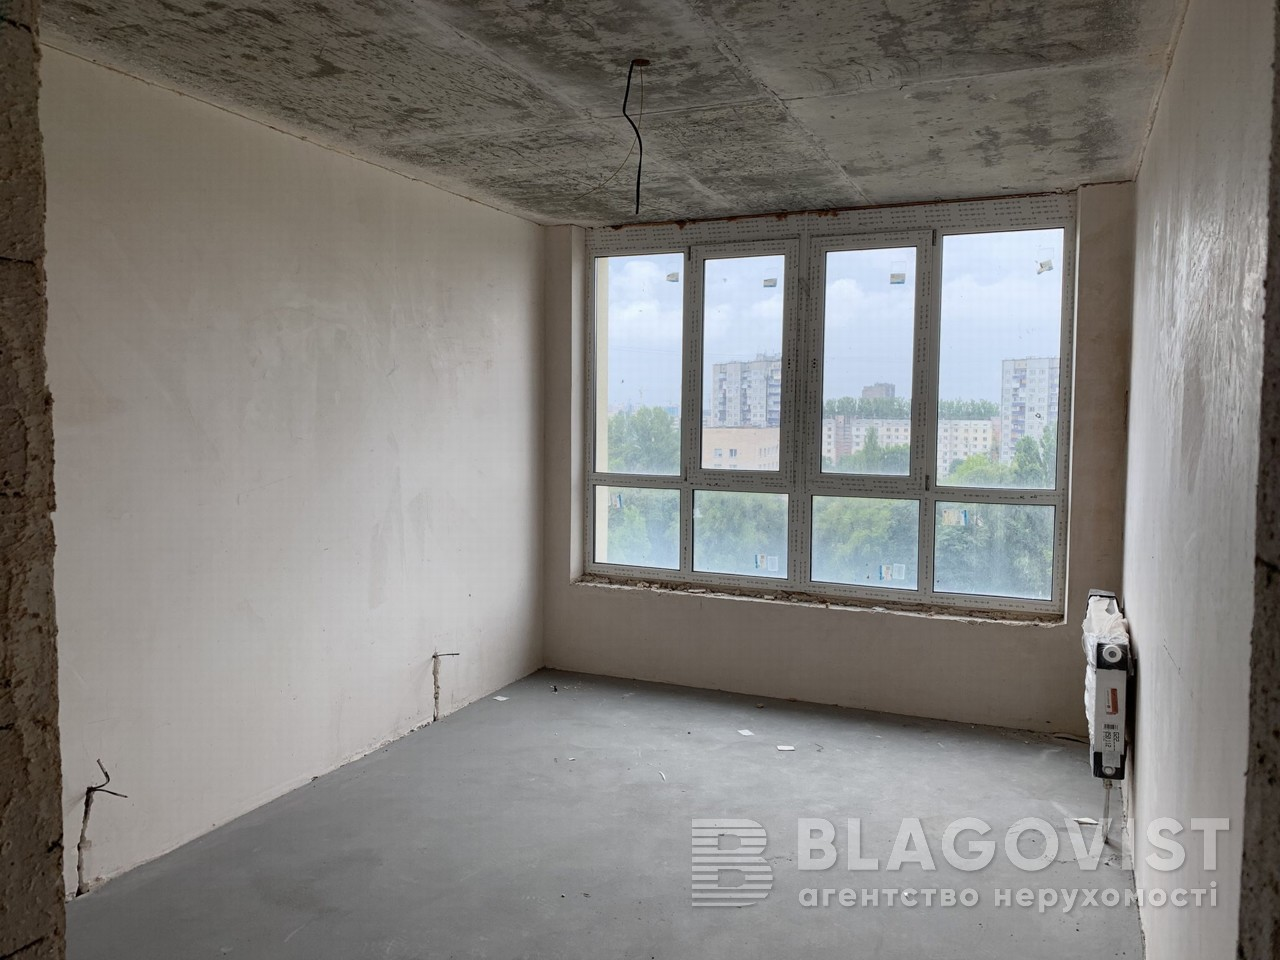 Квартира F-43912, Конева, 10/1, Киев - Фото 5